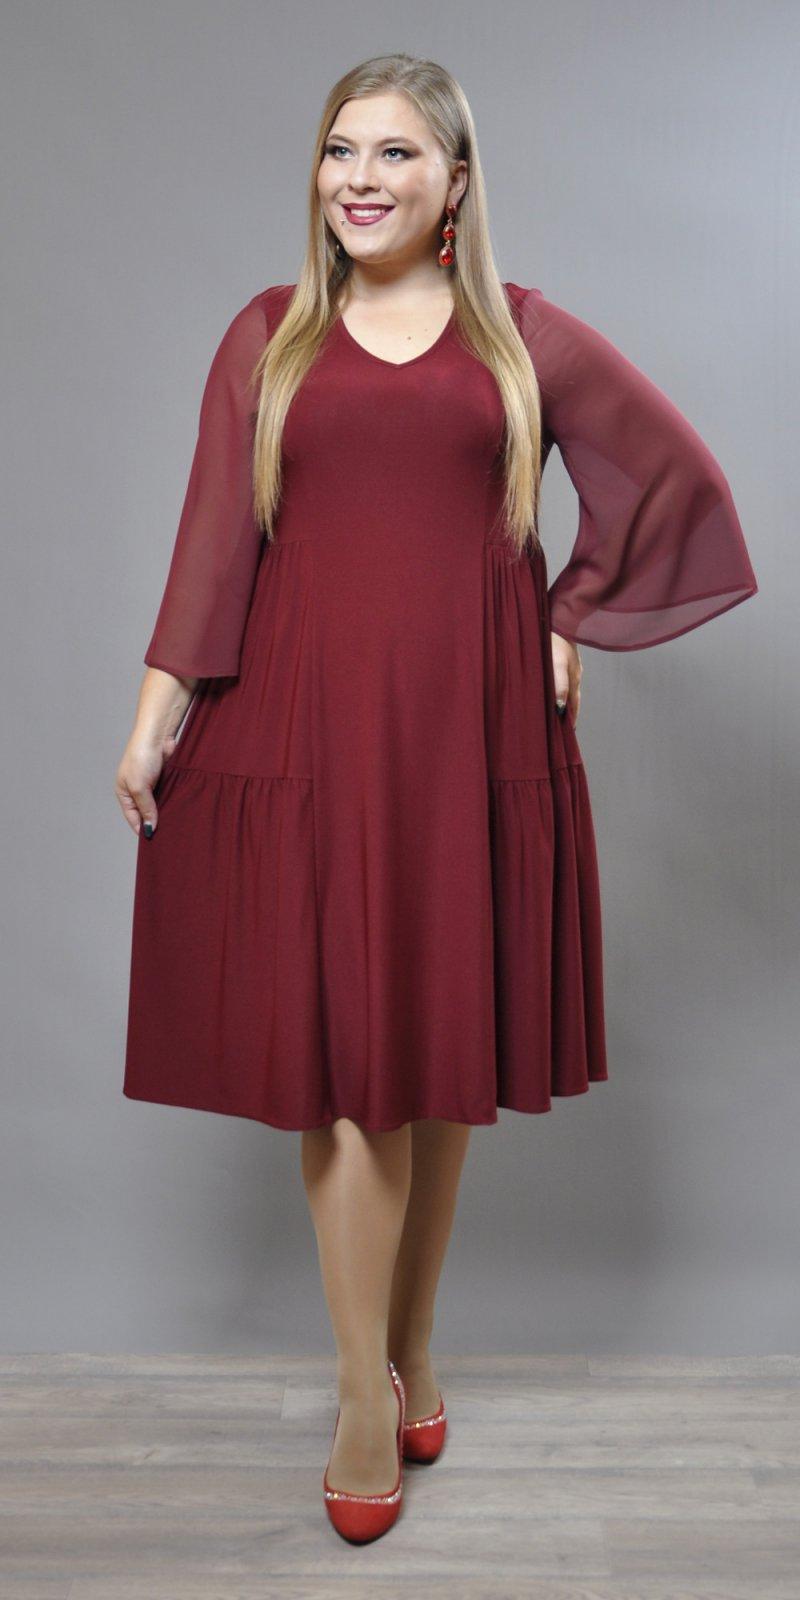 a5effd68c9d ... Платья на новый год 2019. как купить платье на новый год недорого и  быстро в